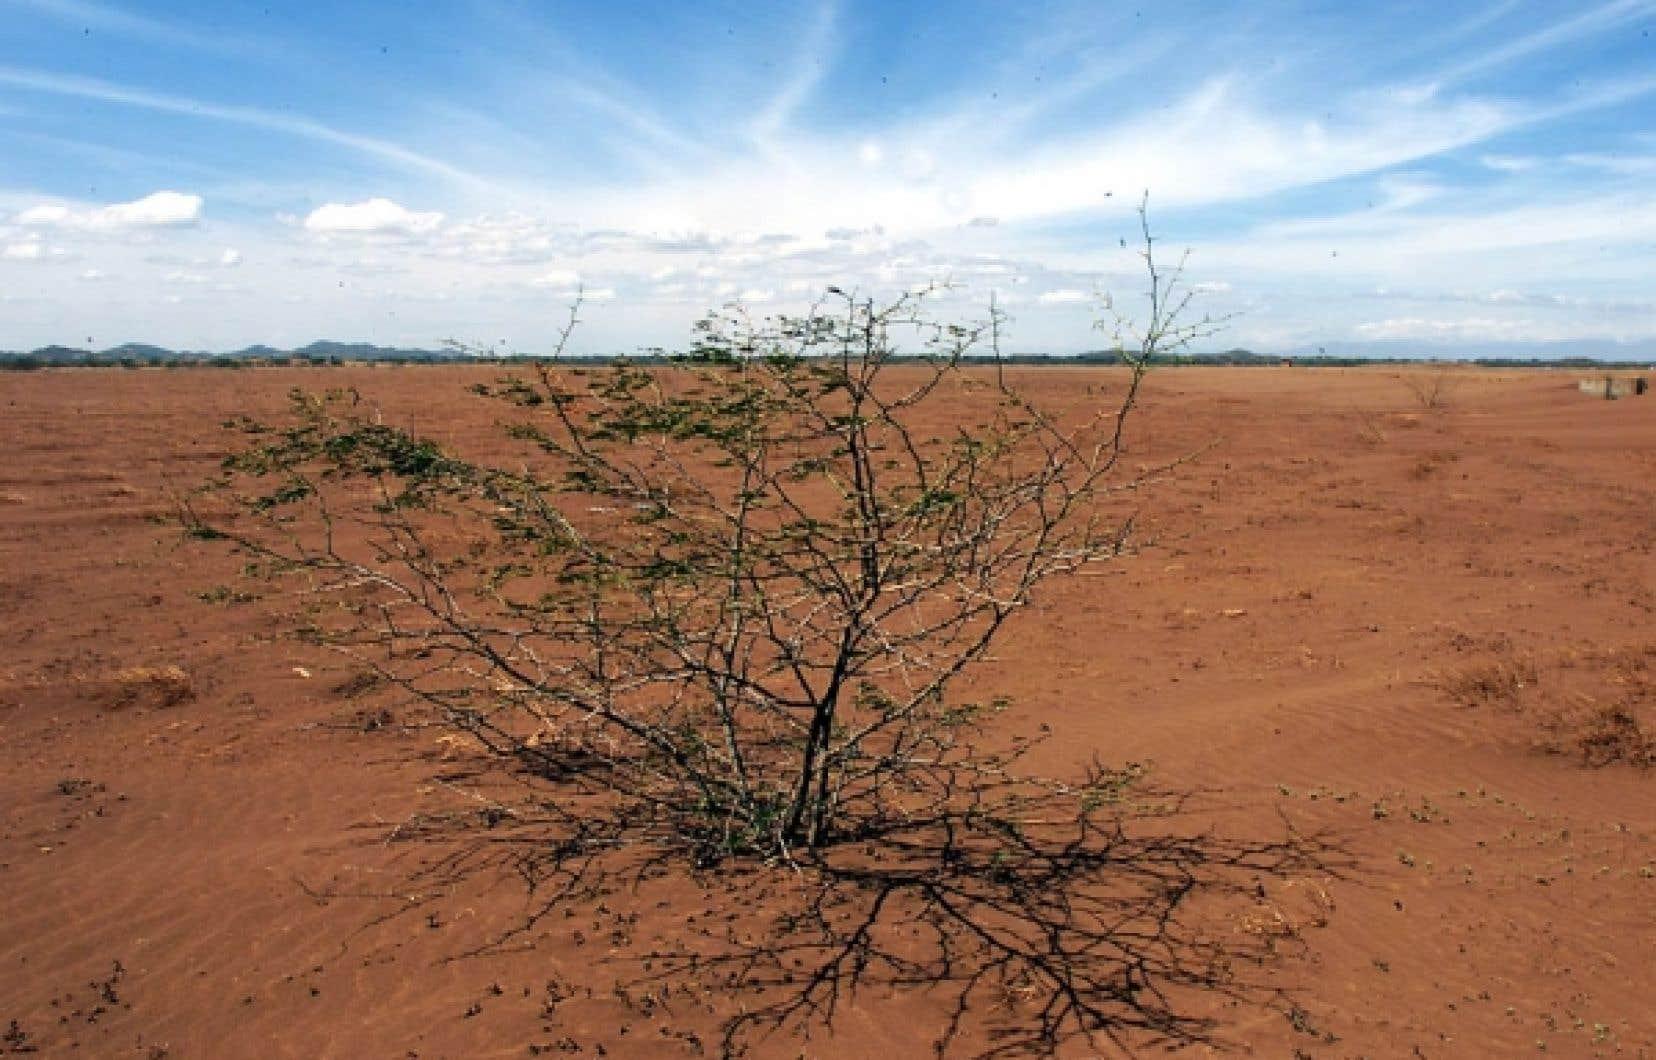 Dans certaines r&eacute;gions du monde, la d&eacute;forestation et ses cons&eacute;quences, comme la d&eacute;sertification des terres et le manque d&rsquo;eau potable, appauvrissent la vie humaine et la rendent souvent sordide. <br />